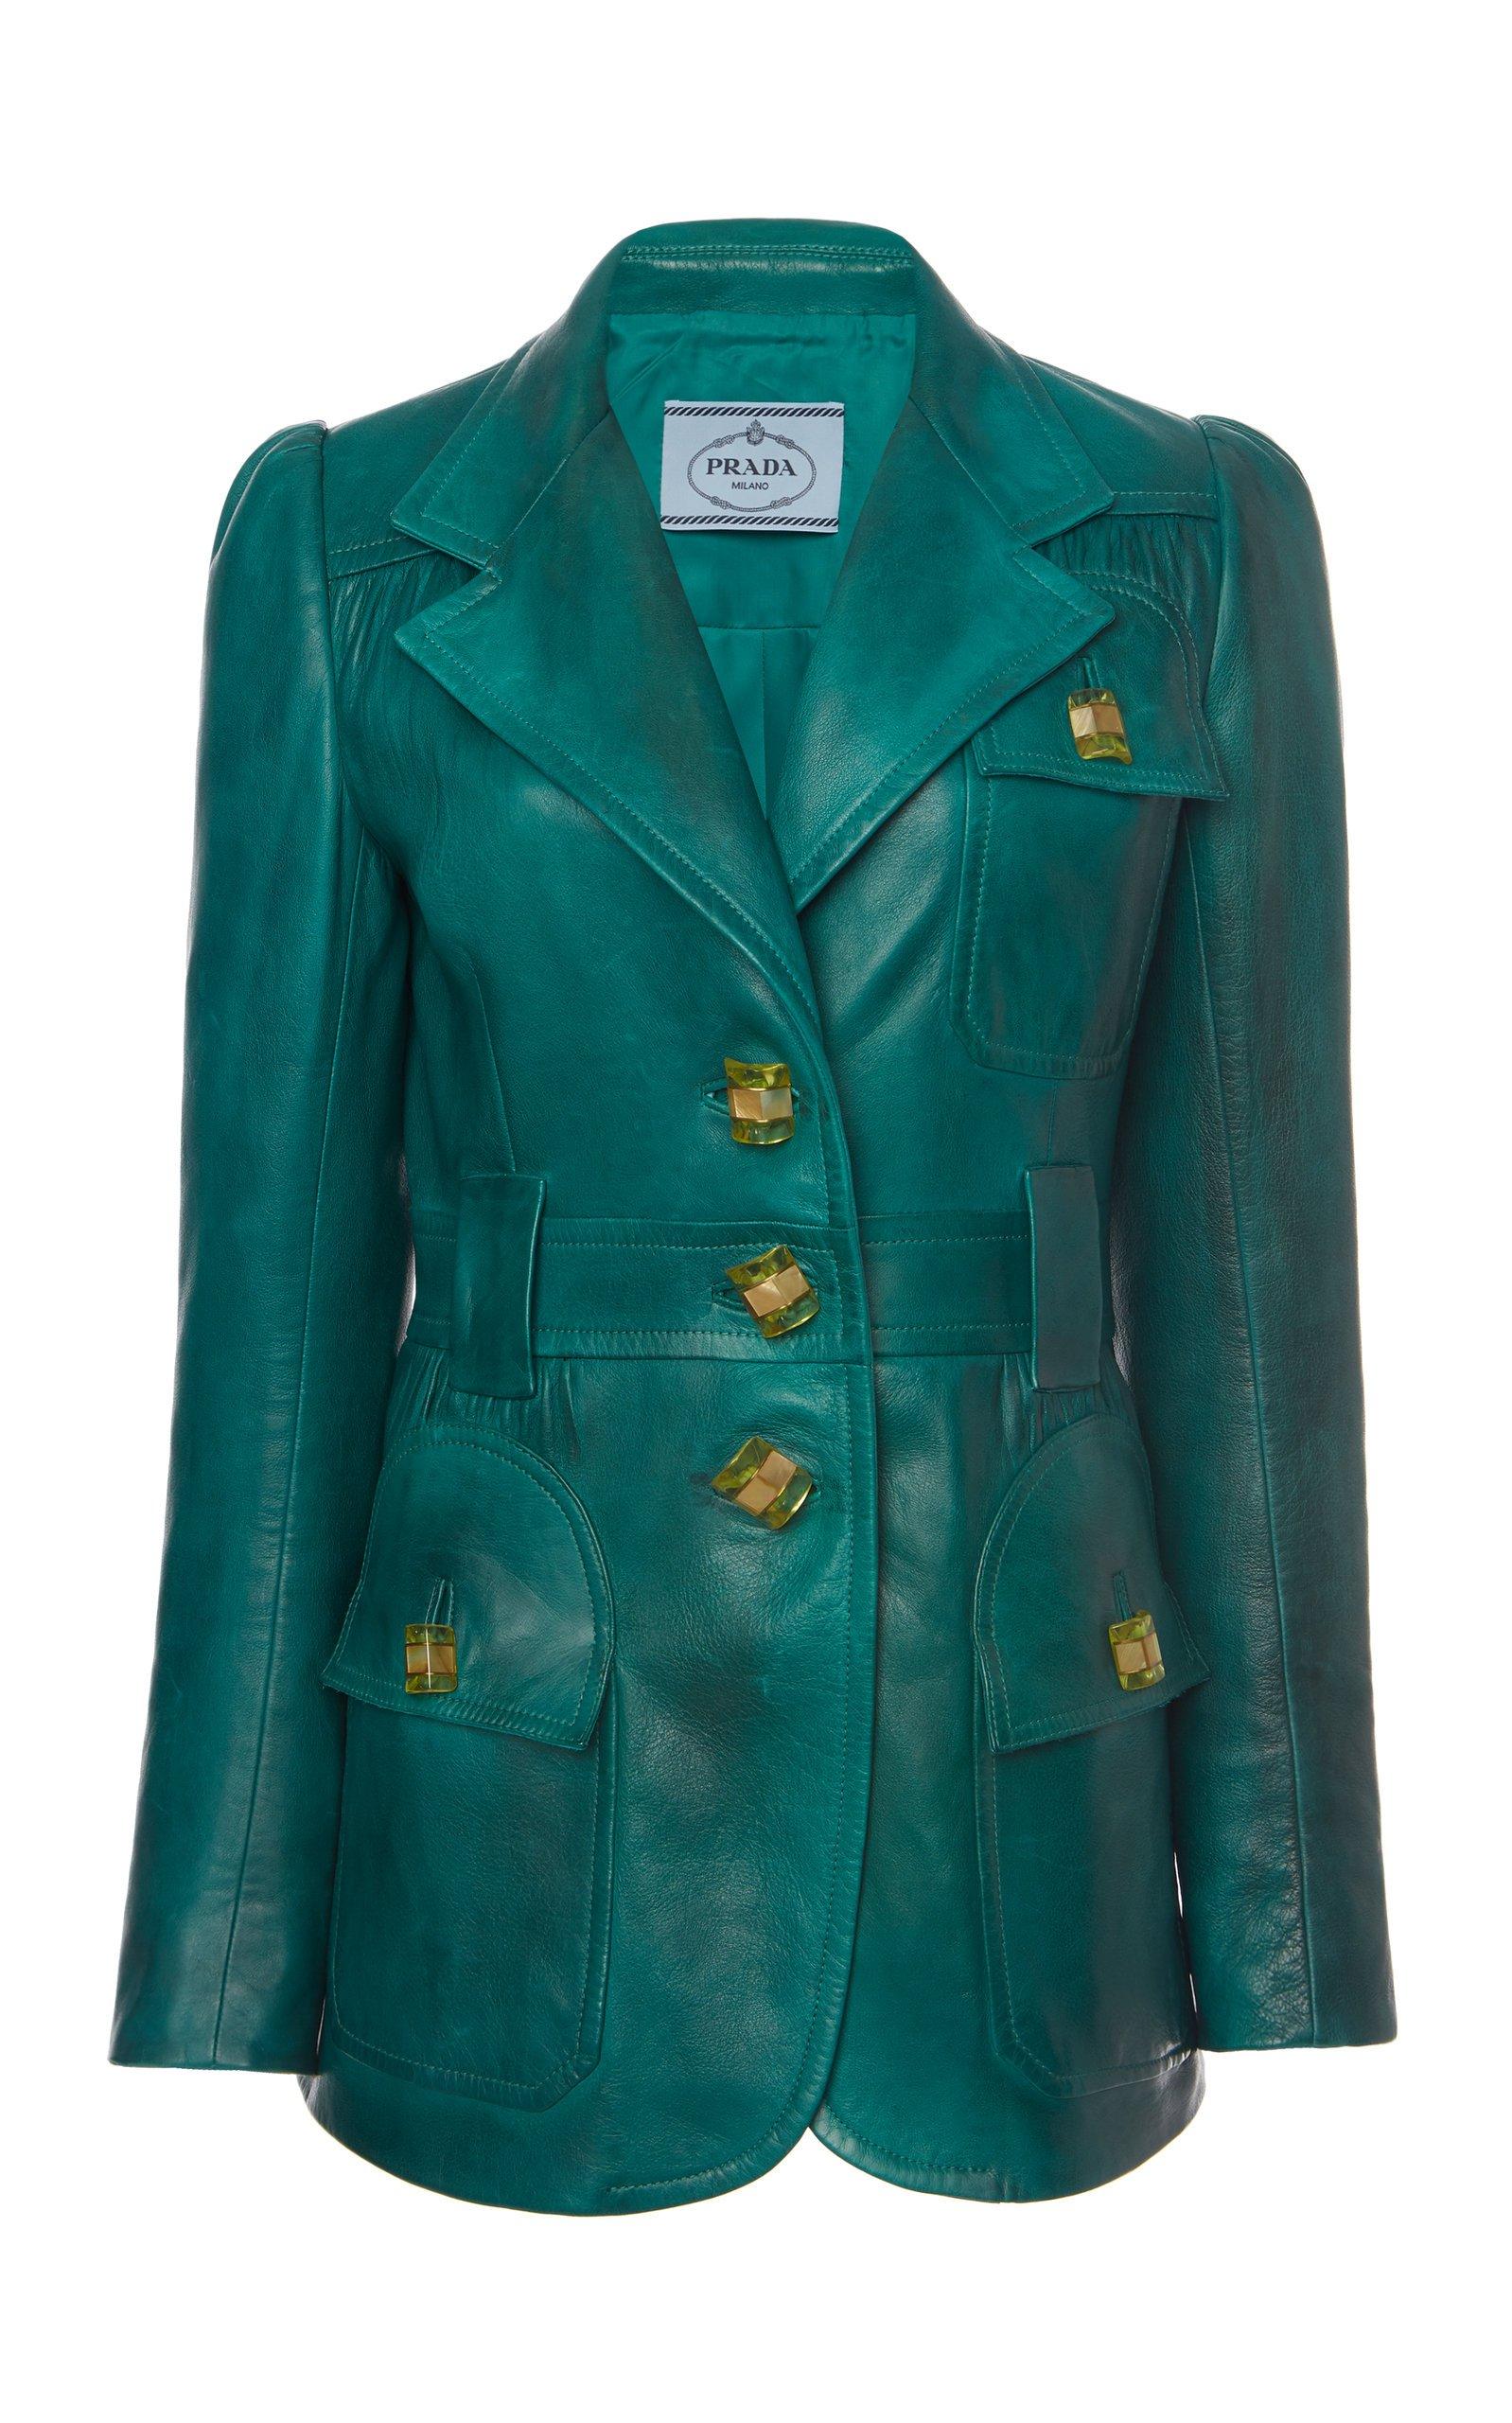 Prada Patch-Pocket Leather Blazer Size: 44